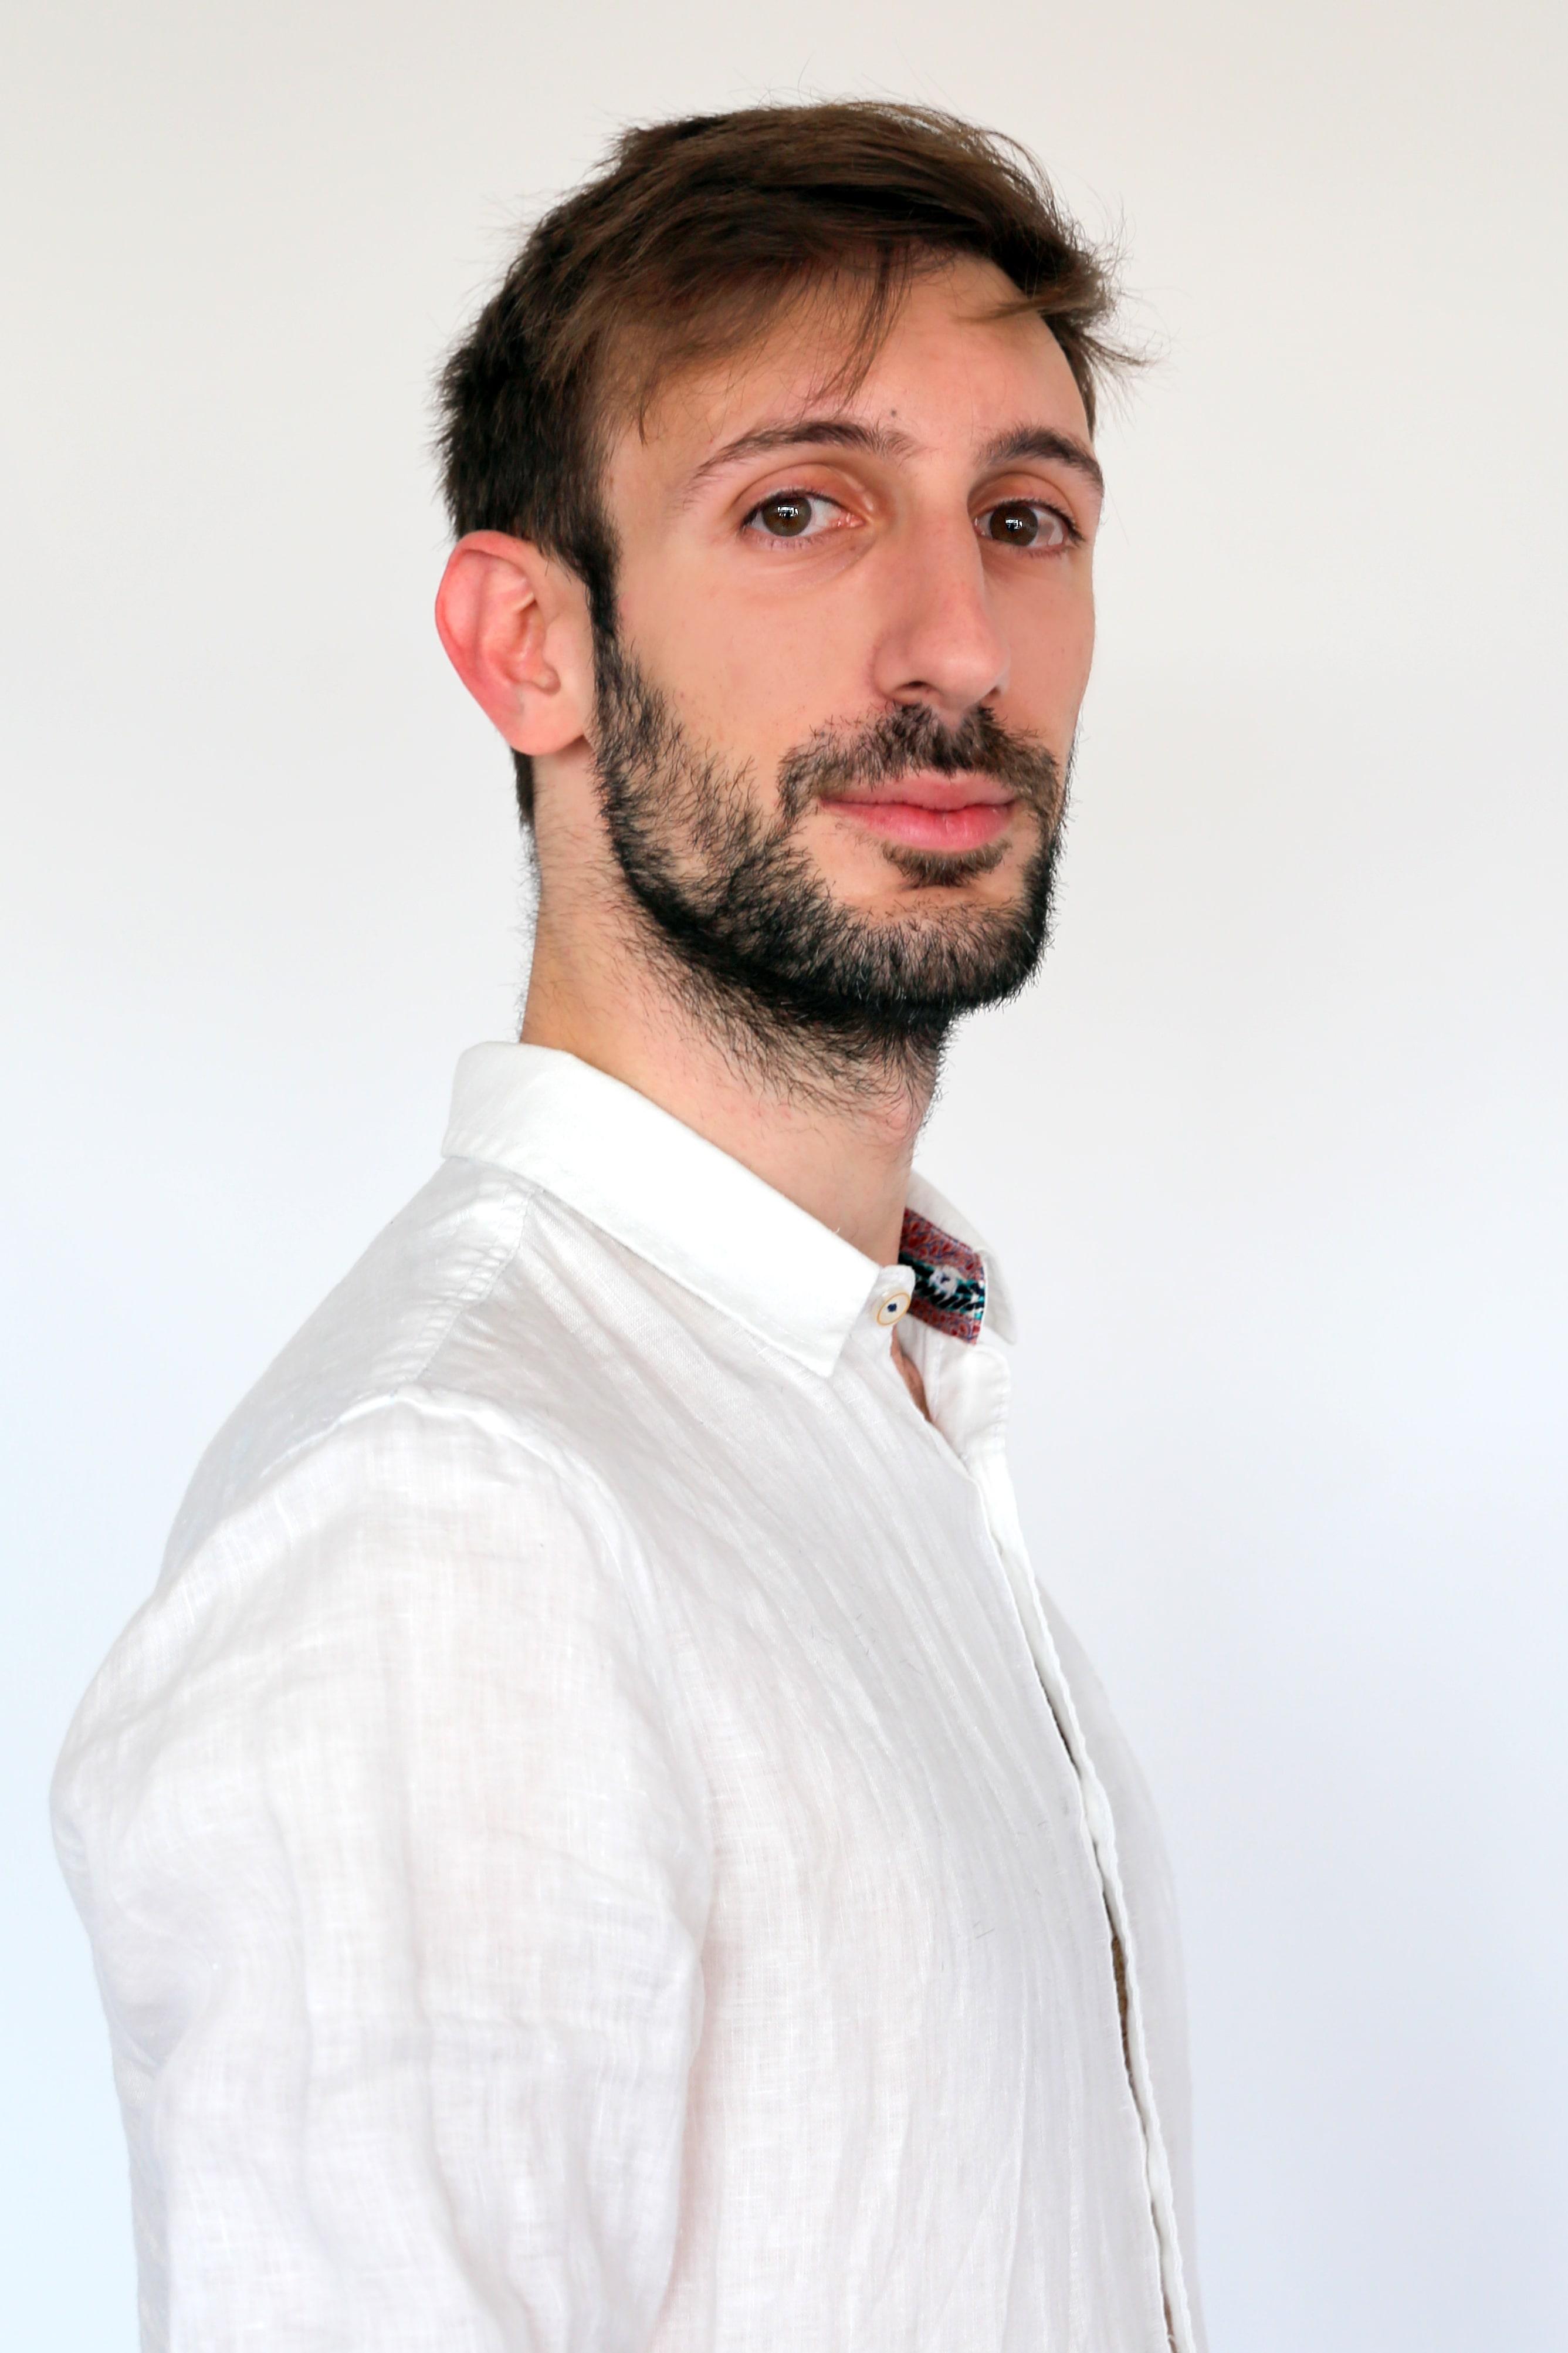 Laurent Busca - Enseignant-chercheur Montpellier Management